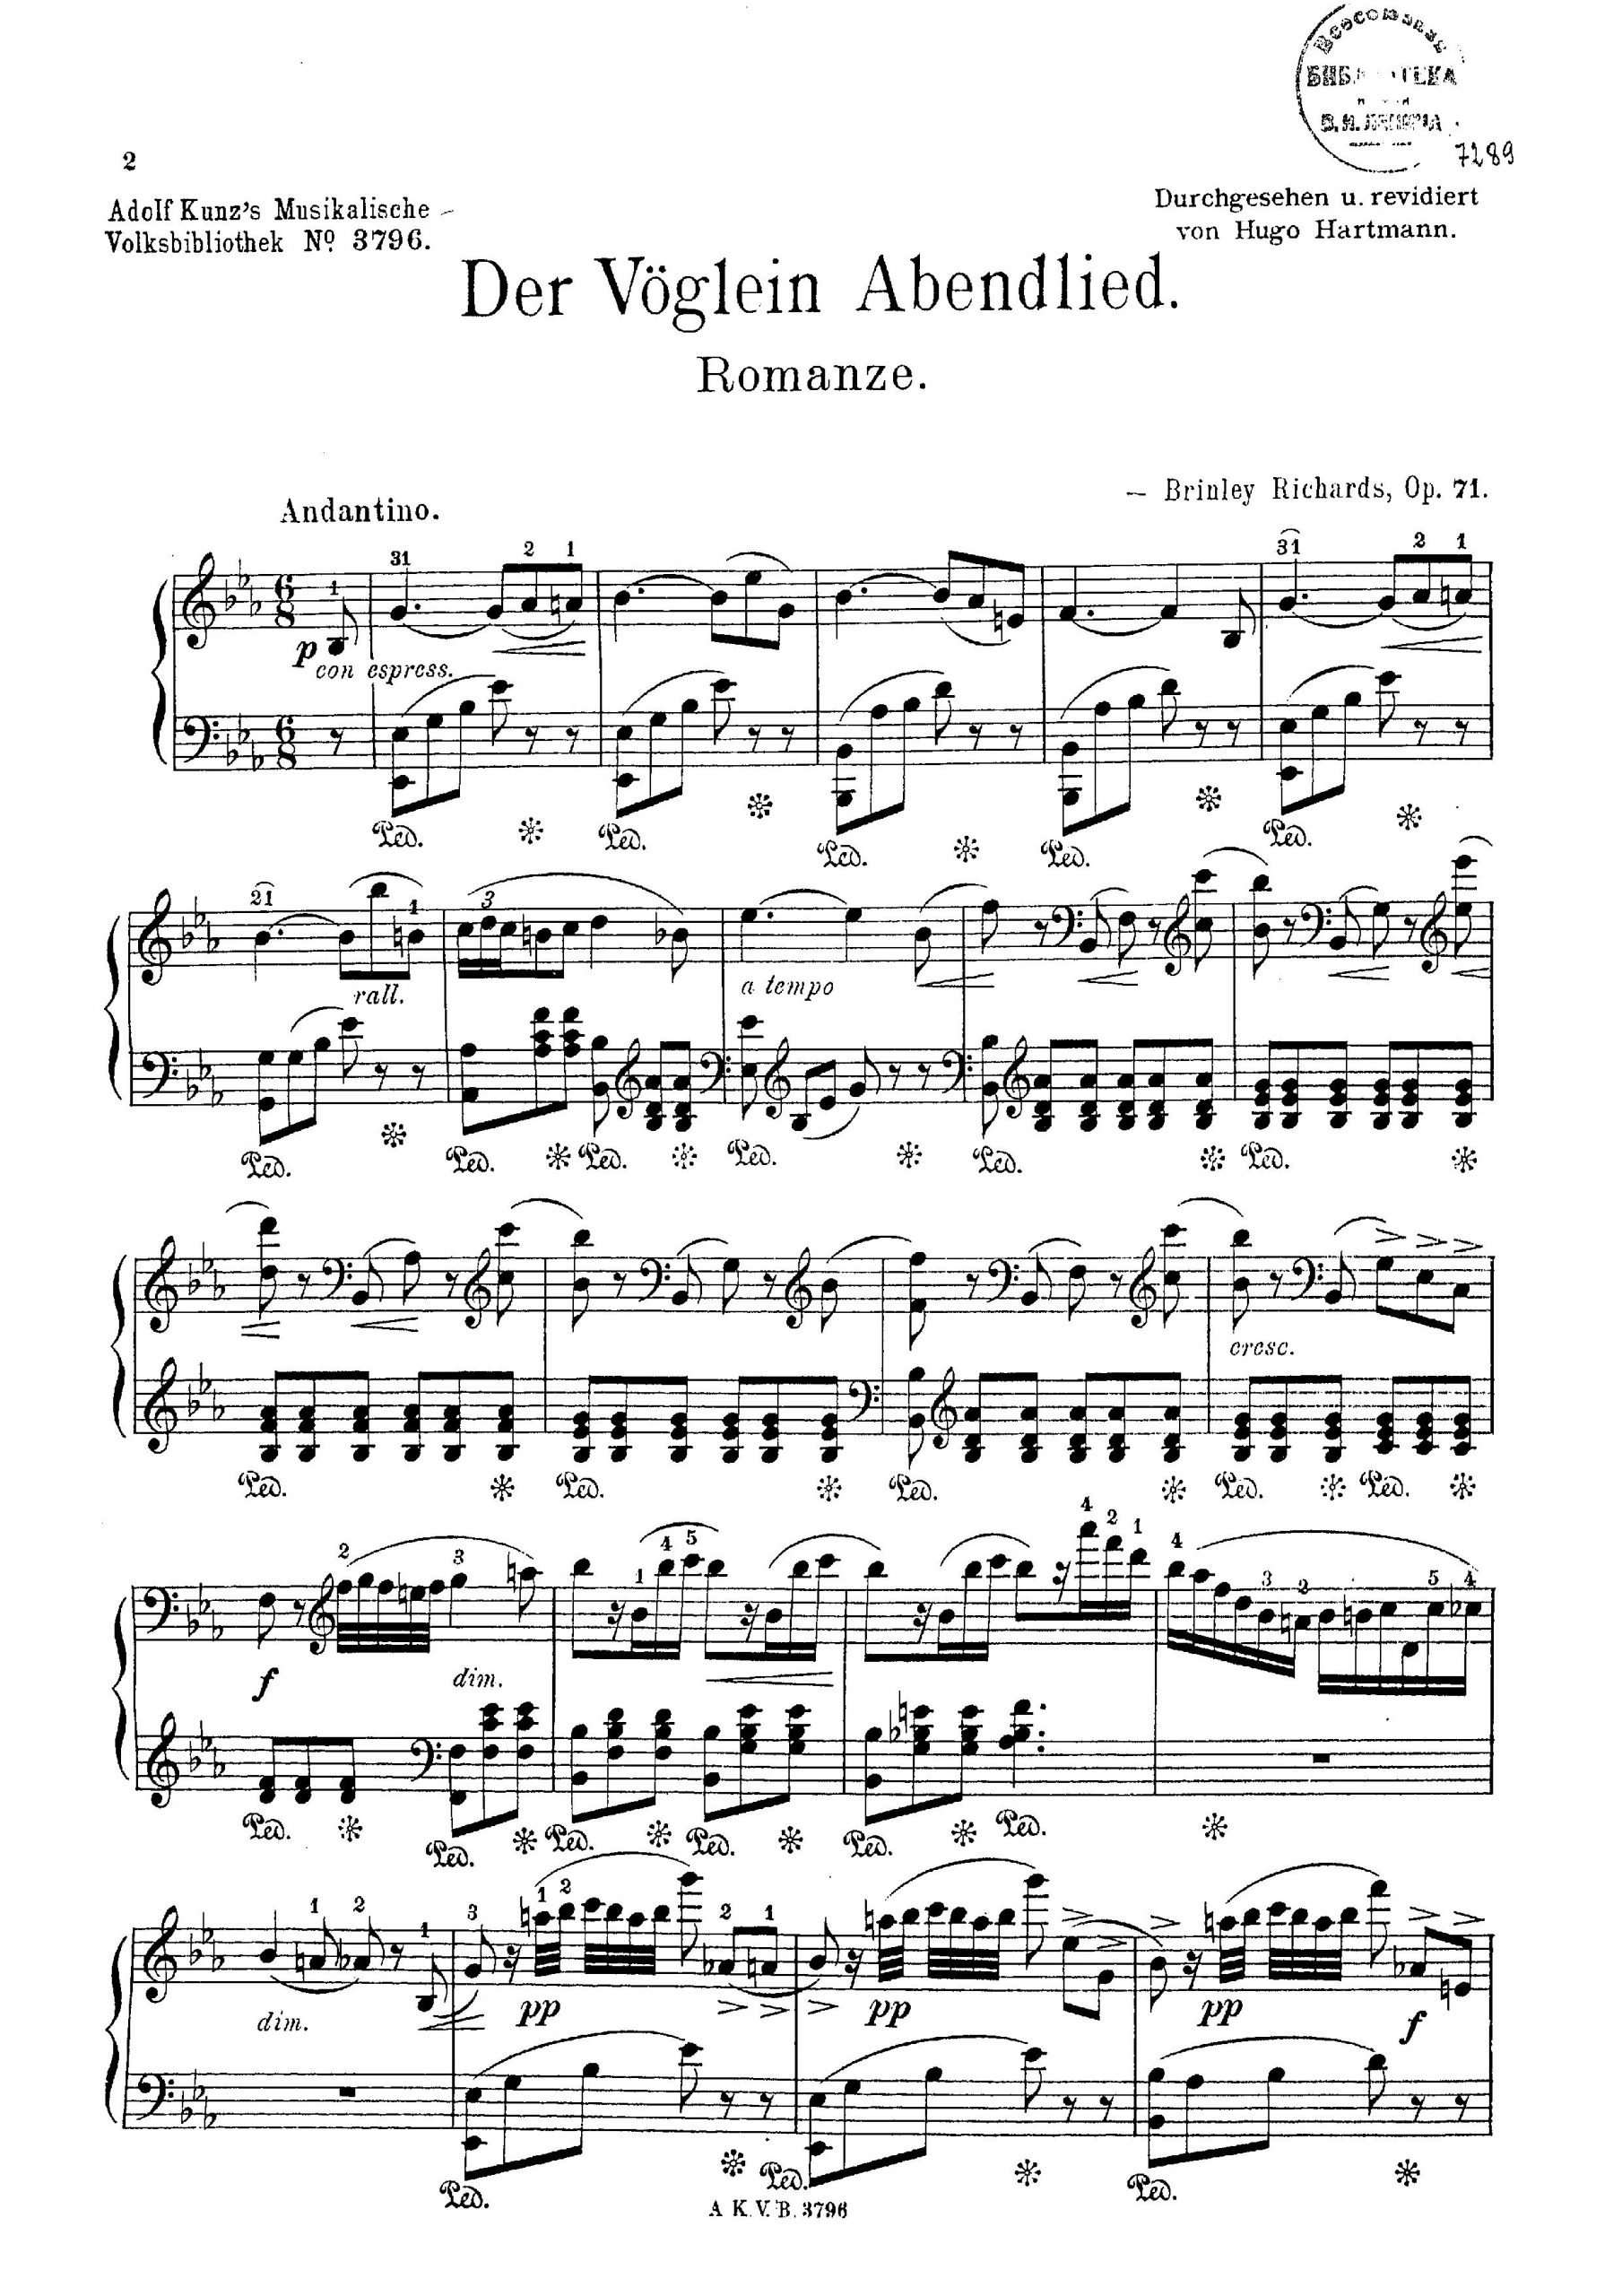 Richards, Brinley - Vöglein's Abendlied, Op.71